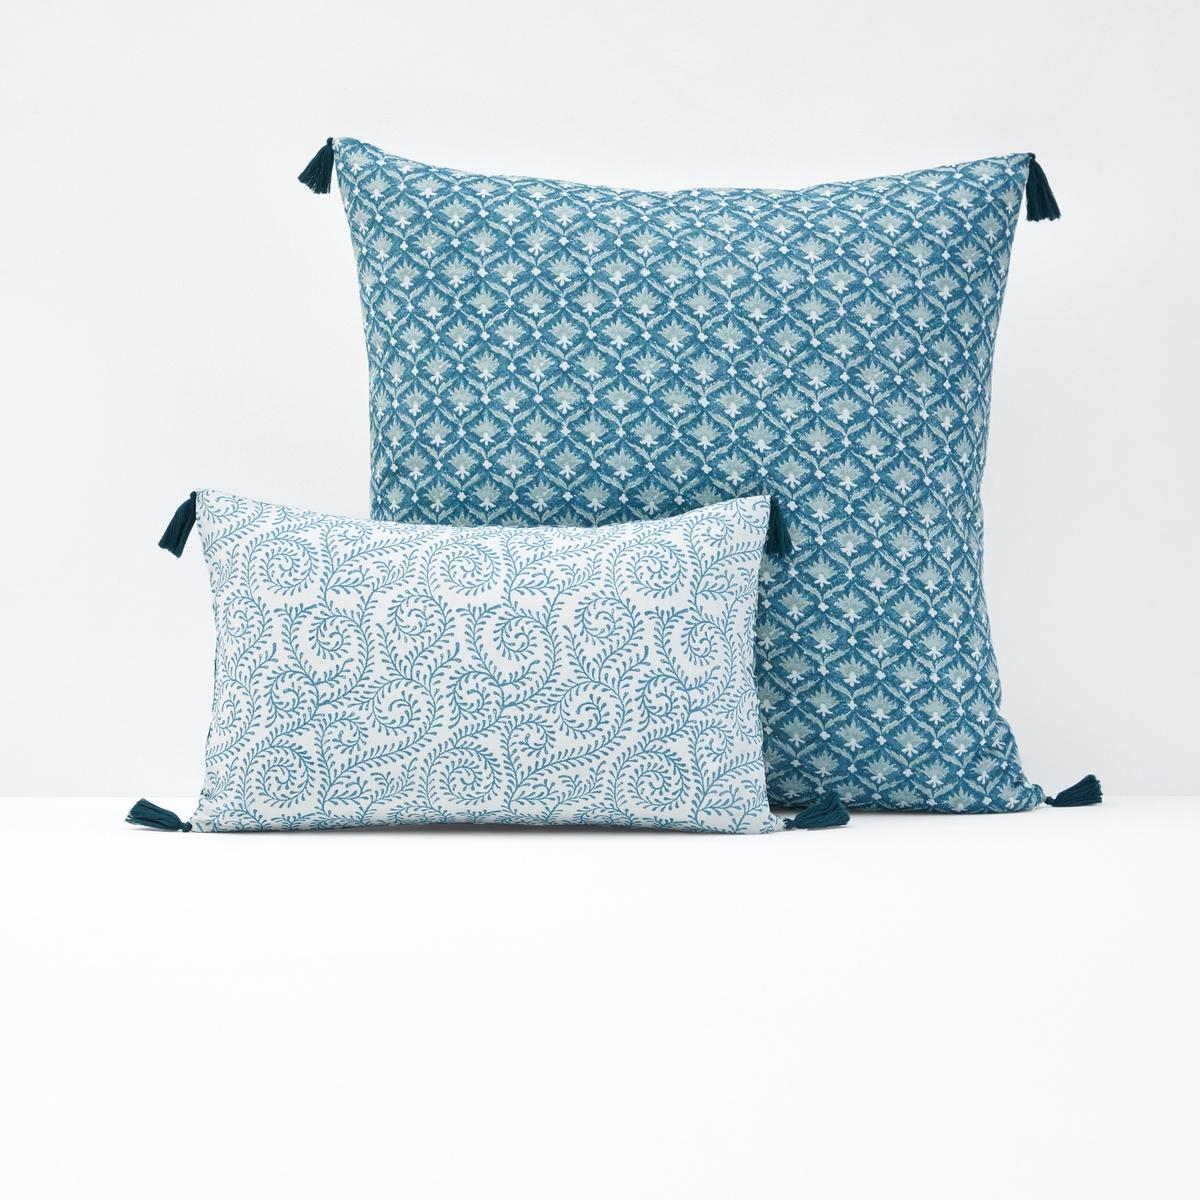 Чехол для подушки или наволочка ODISHAОписание чехла для подушки или наволочки Odisha:Разный рисунок с двух сторонОтделка кисточкойХарактеристики чехла для подушки или наволочки OdishaВерх из хлопковой вуали, наполнитель: 100 % полиэстер (150 г/см?).Стирка при 40°С<br><br>Цвет: сине-зеленый/бледно-зеленый